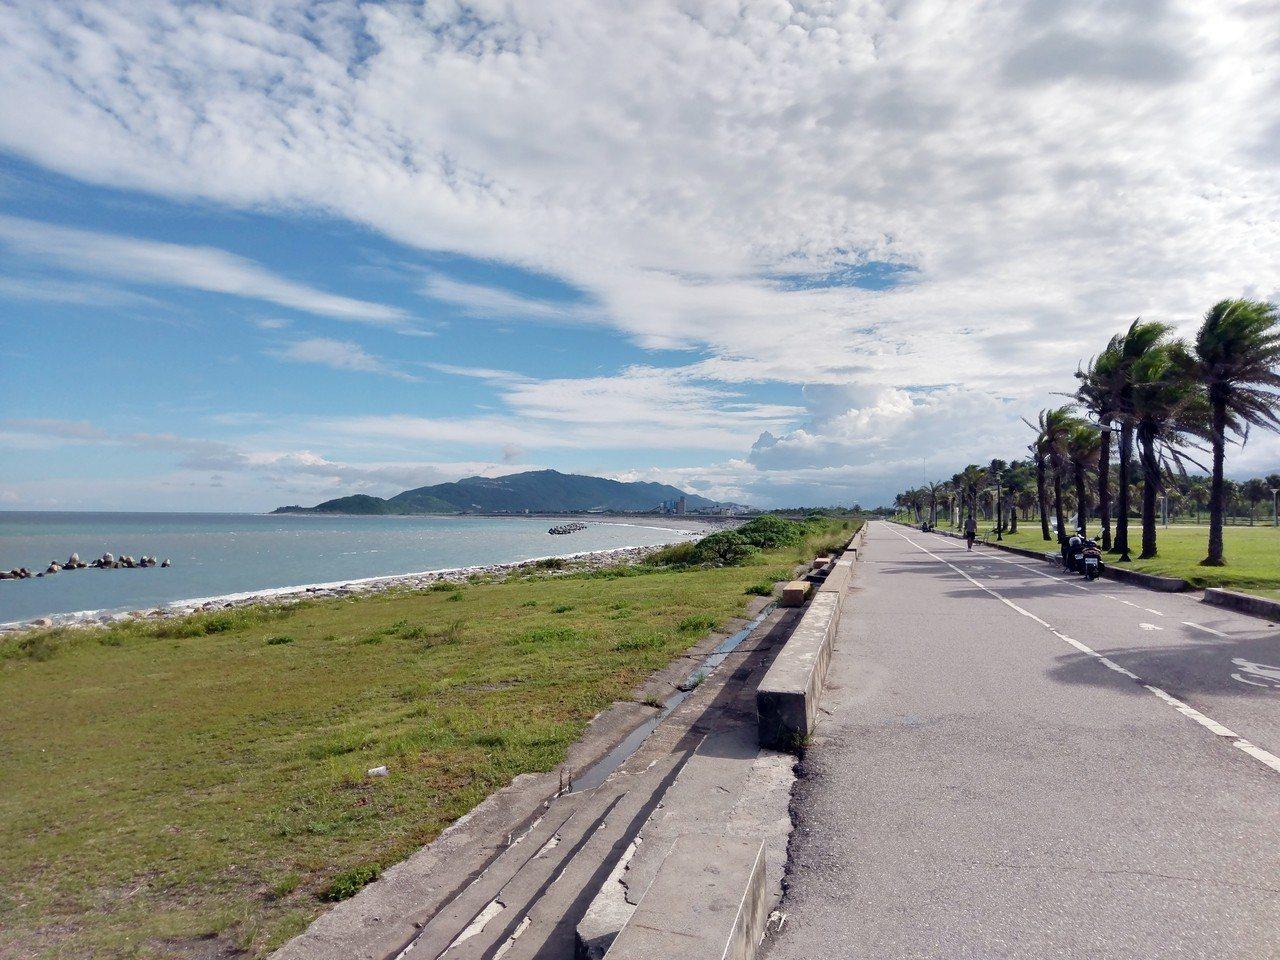 悠遊太平洋公園腳踏車道欣賞絕美海景。攝影/許玉娟